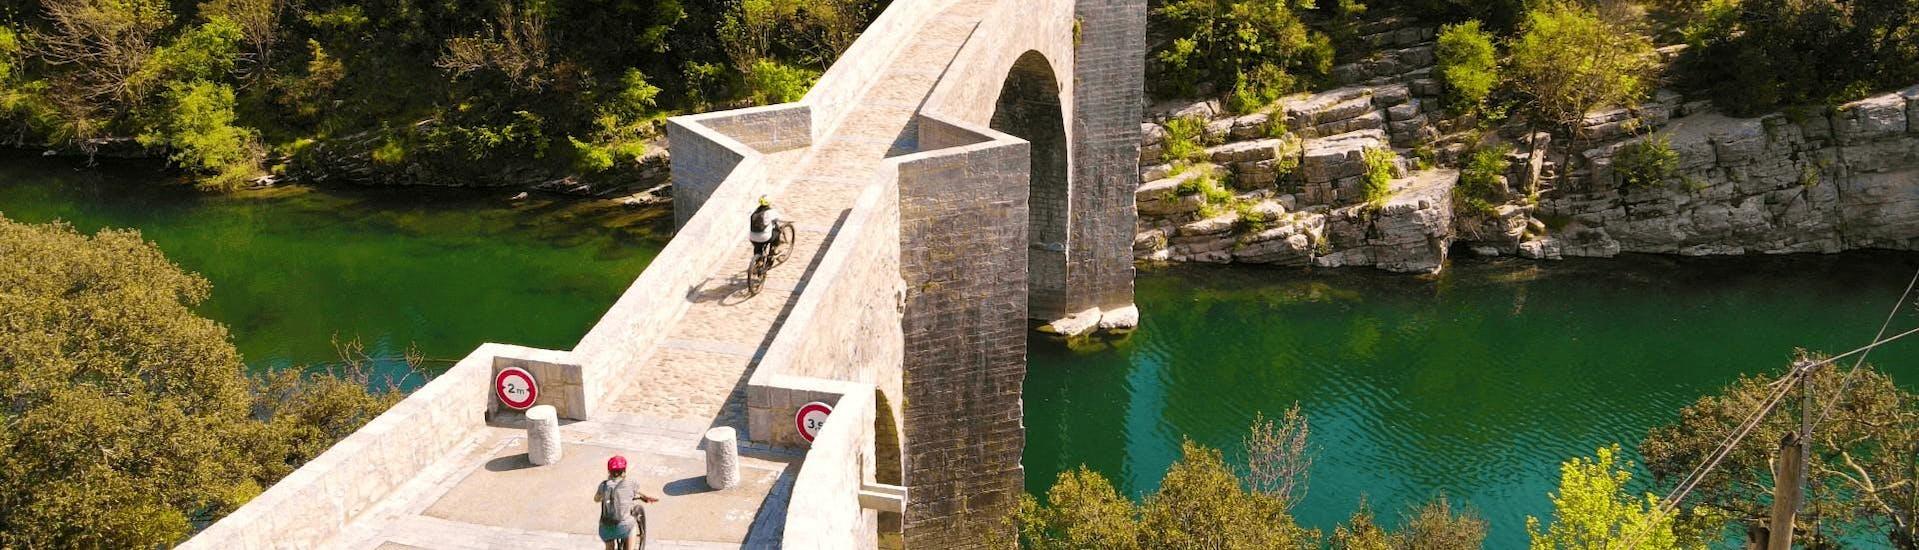 Tourists are passing by Pont du diable during the E-Mountain Bike Rental in Saint-Jean-de-Buèges with Le Garrel Hérault